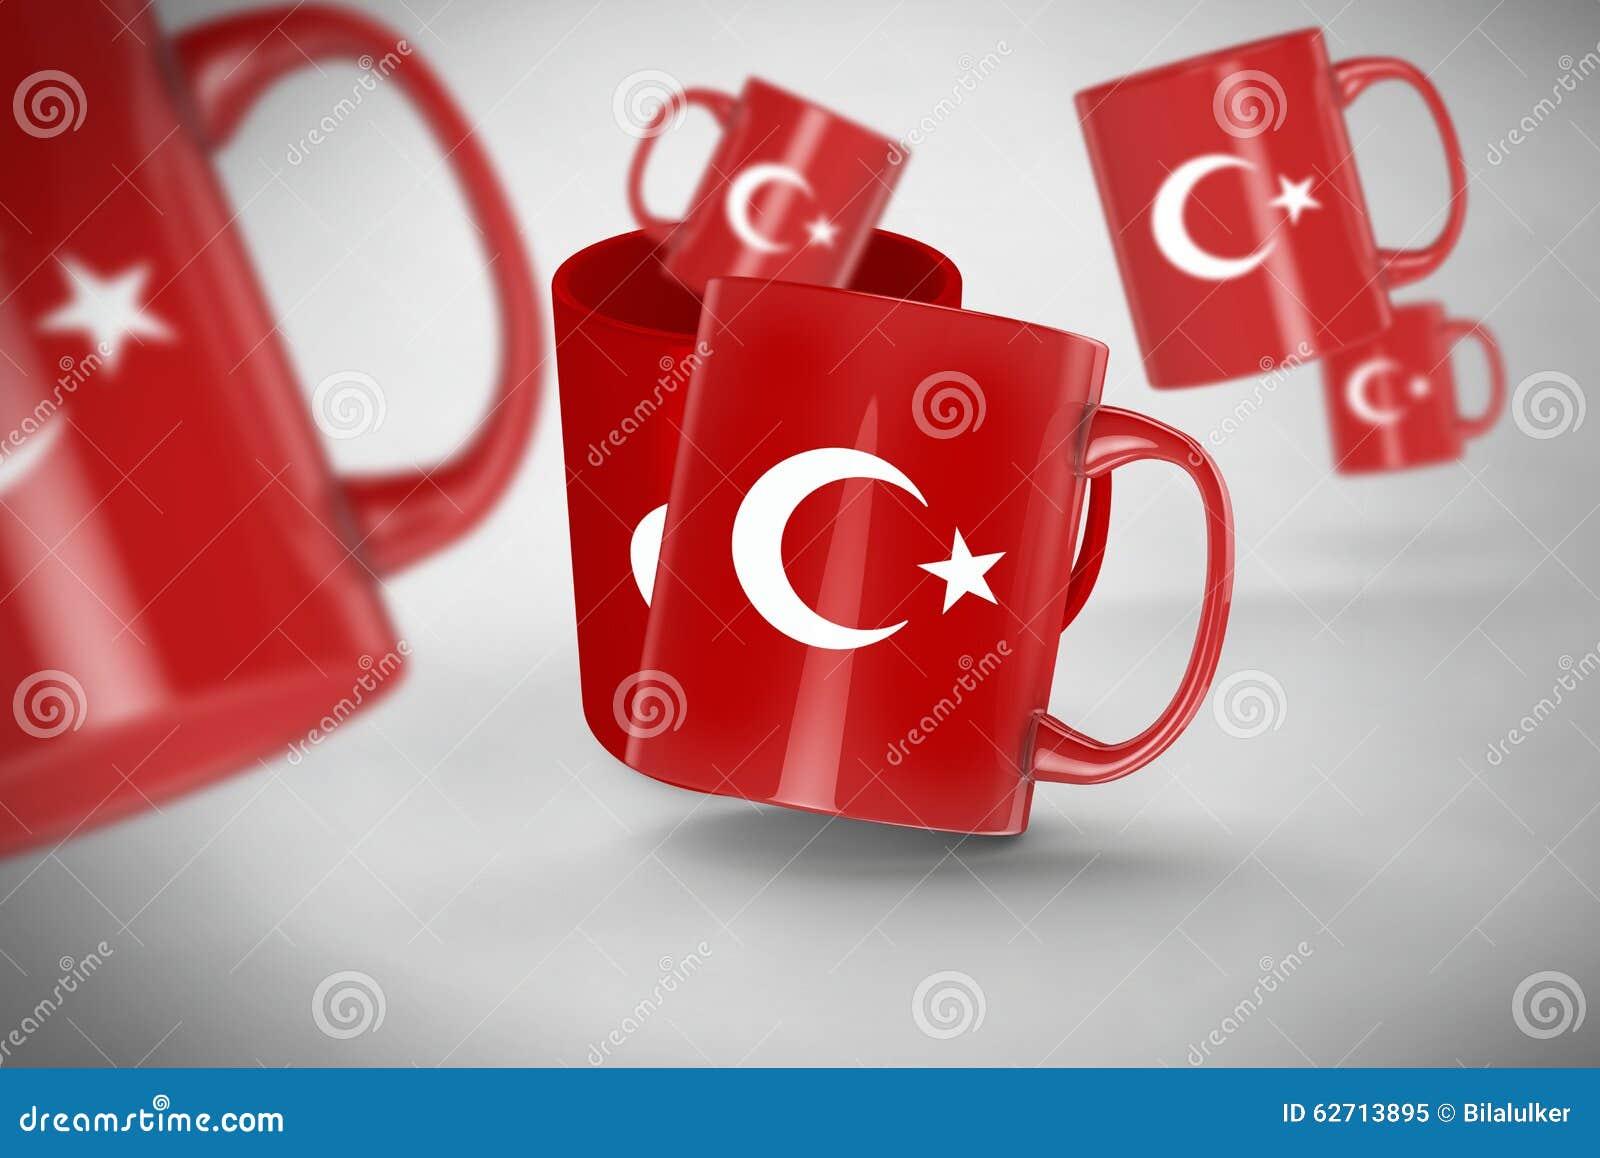 Τουρκική σημαία, Τουρκία, σχέδιο σημαιών